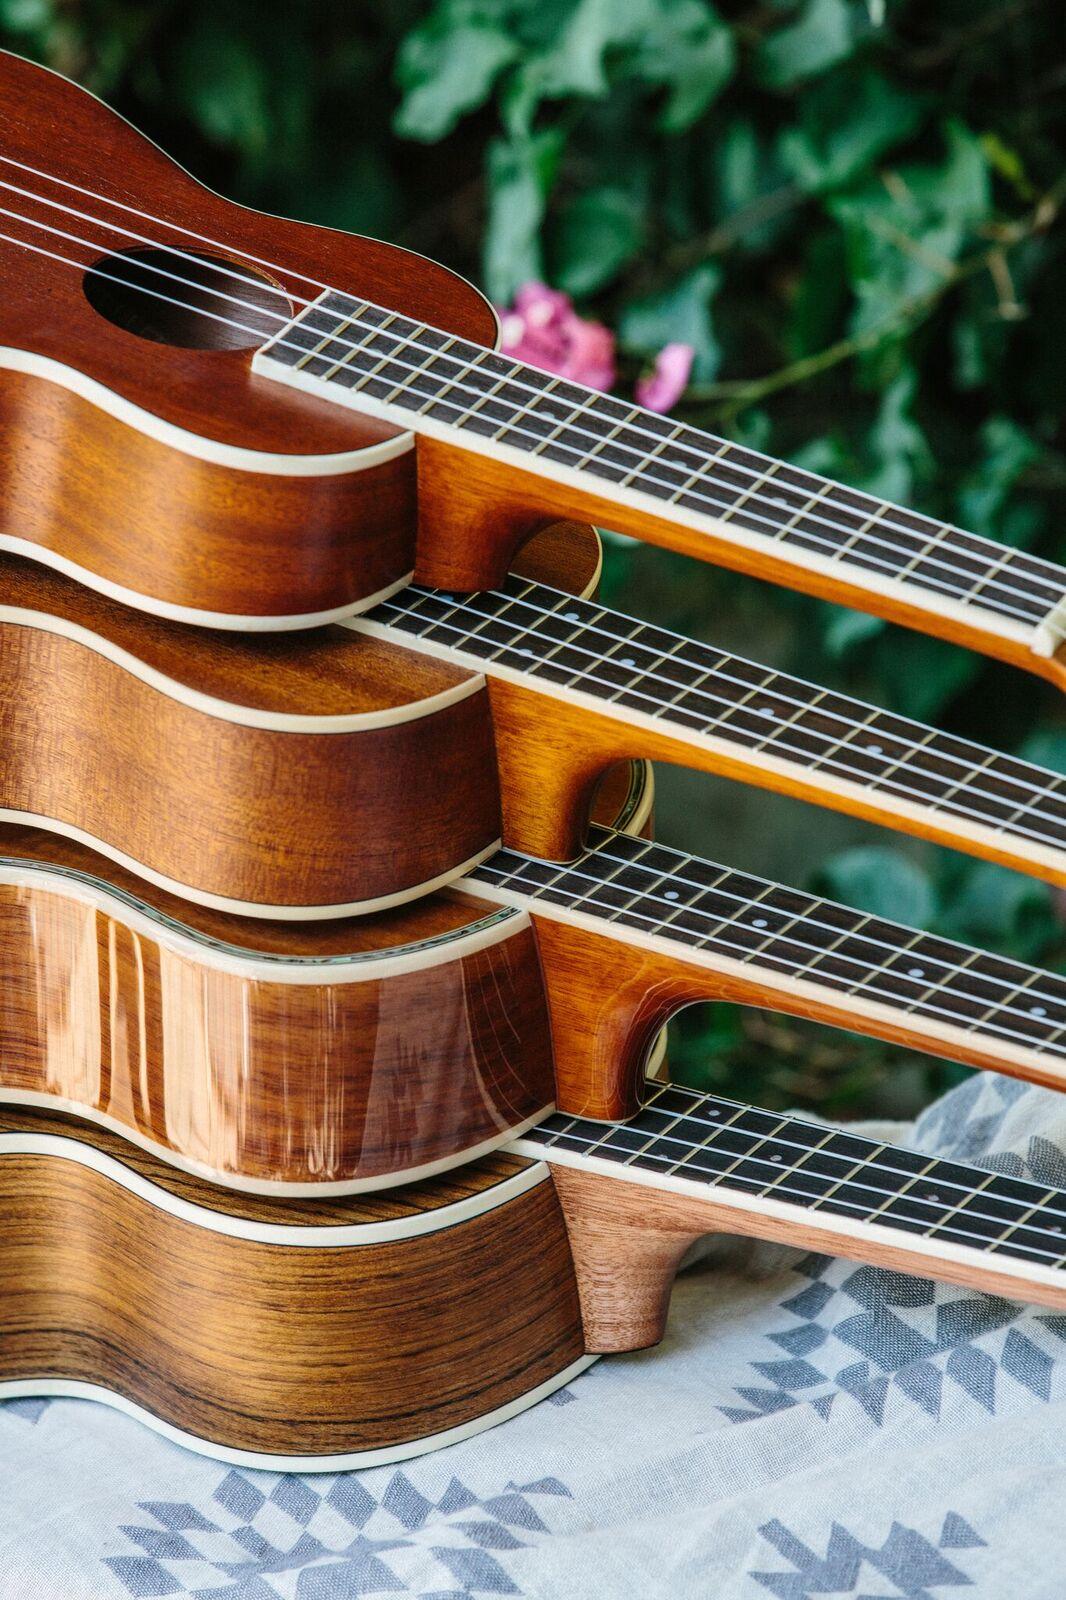 Fender_Ukulele_Lifestyle_19